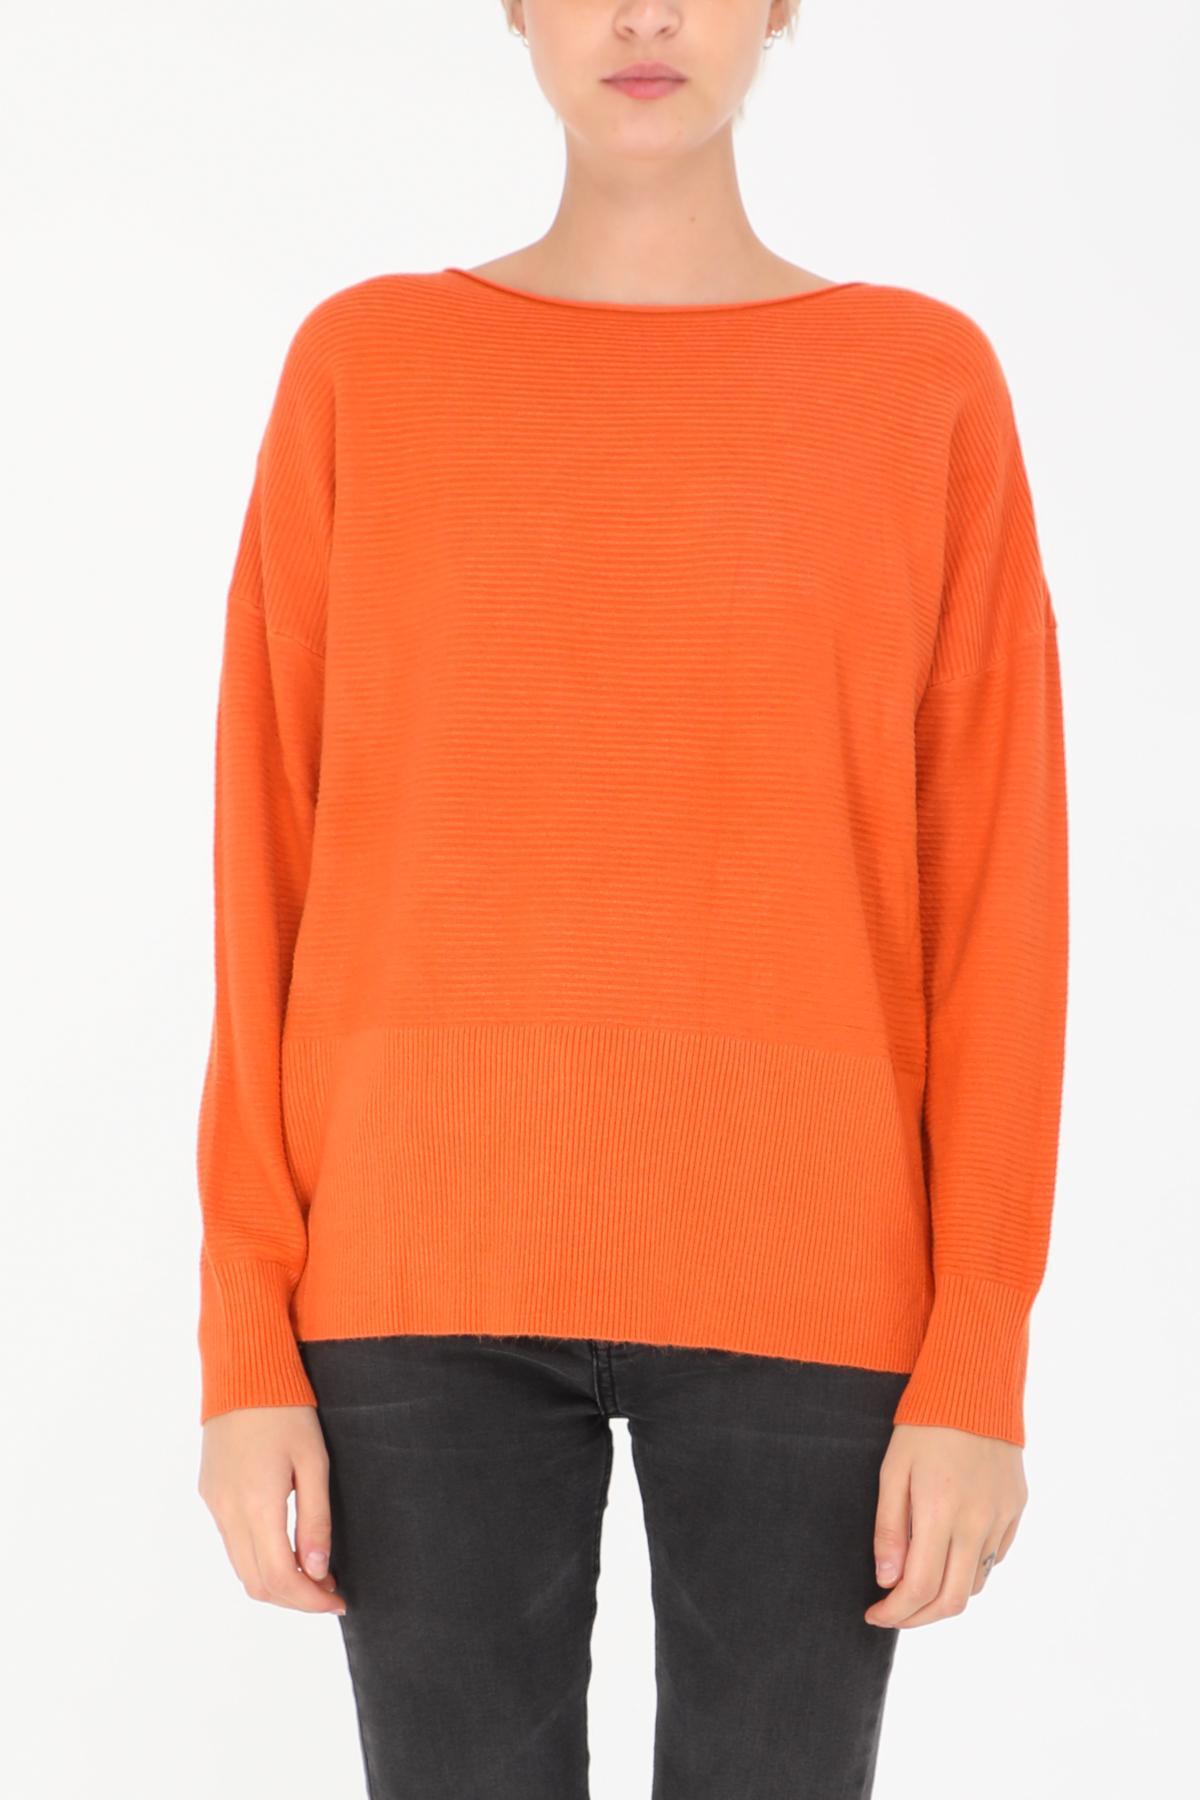 Pulls Femme Orange Happy Look 0077 #c eFashion Paris